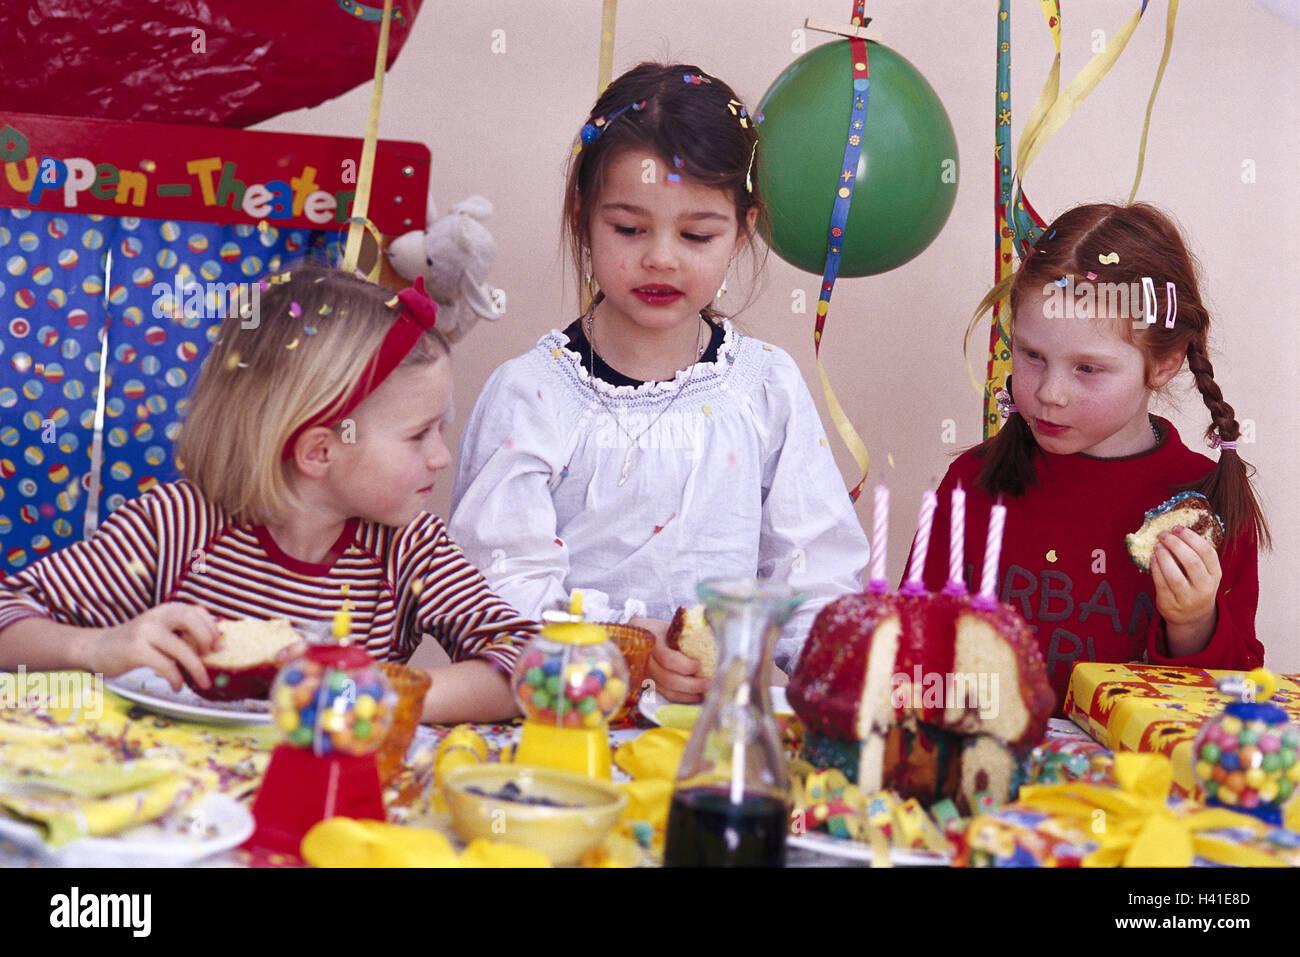 kindergeburtstag m dchen essen kuchen geburtstag feier geburtstagsfeier geburtstag fest. Black Bedroom Furniture Sets. Home Design Ideas